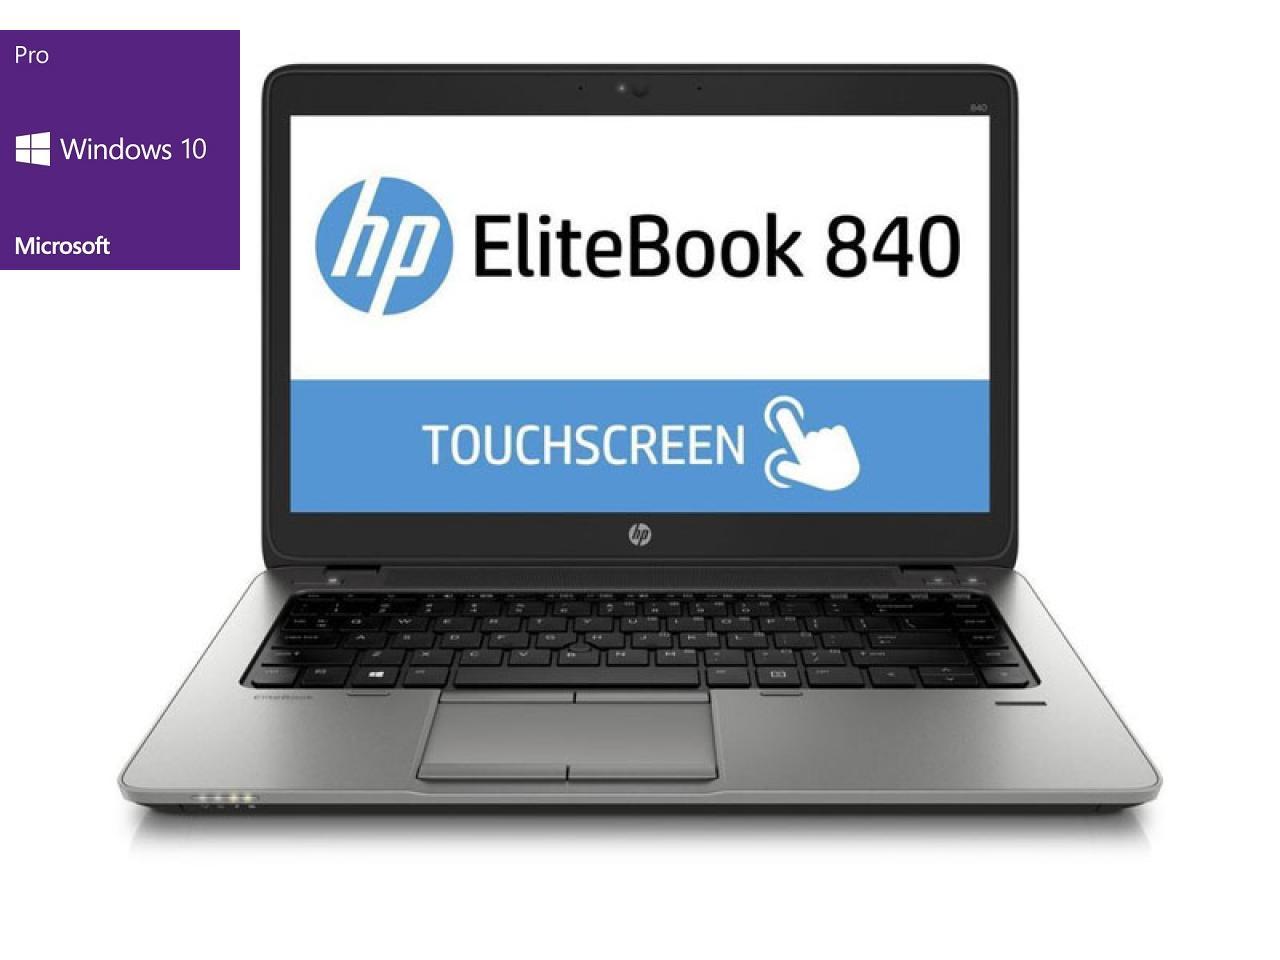 Hewlett Packard EliteBook 840 G1 Touch  - shop.bb-net.de